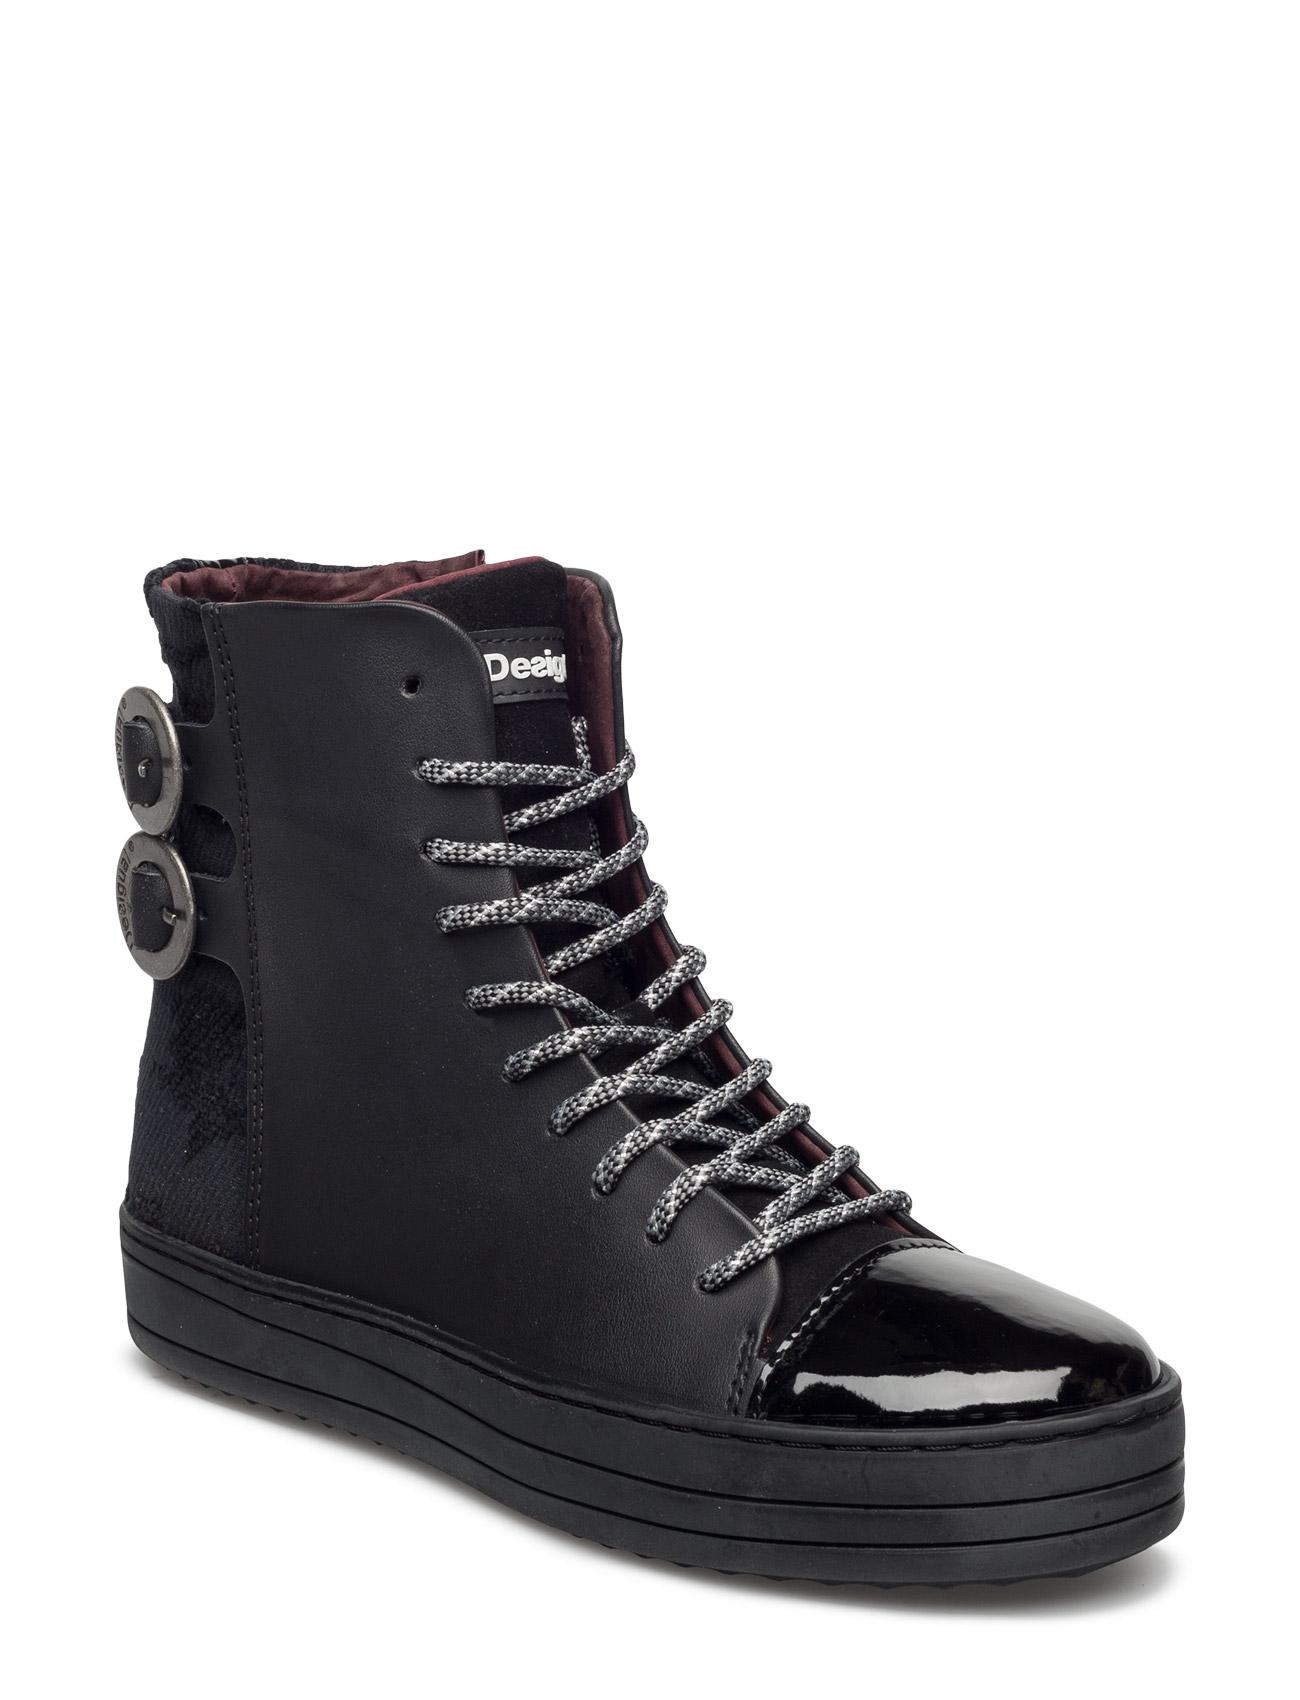 Shoes Black Sheep Reggae Desigual Shoes Sko til Kvinder i neger